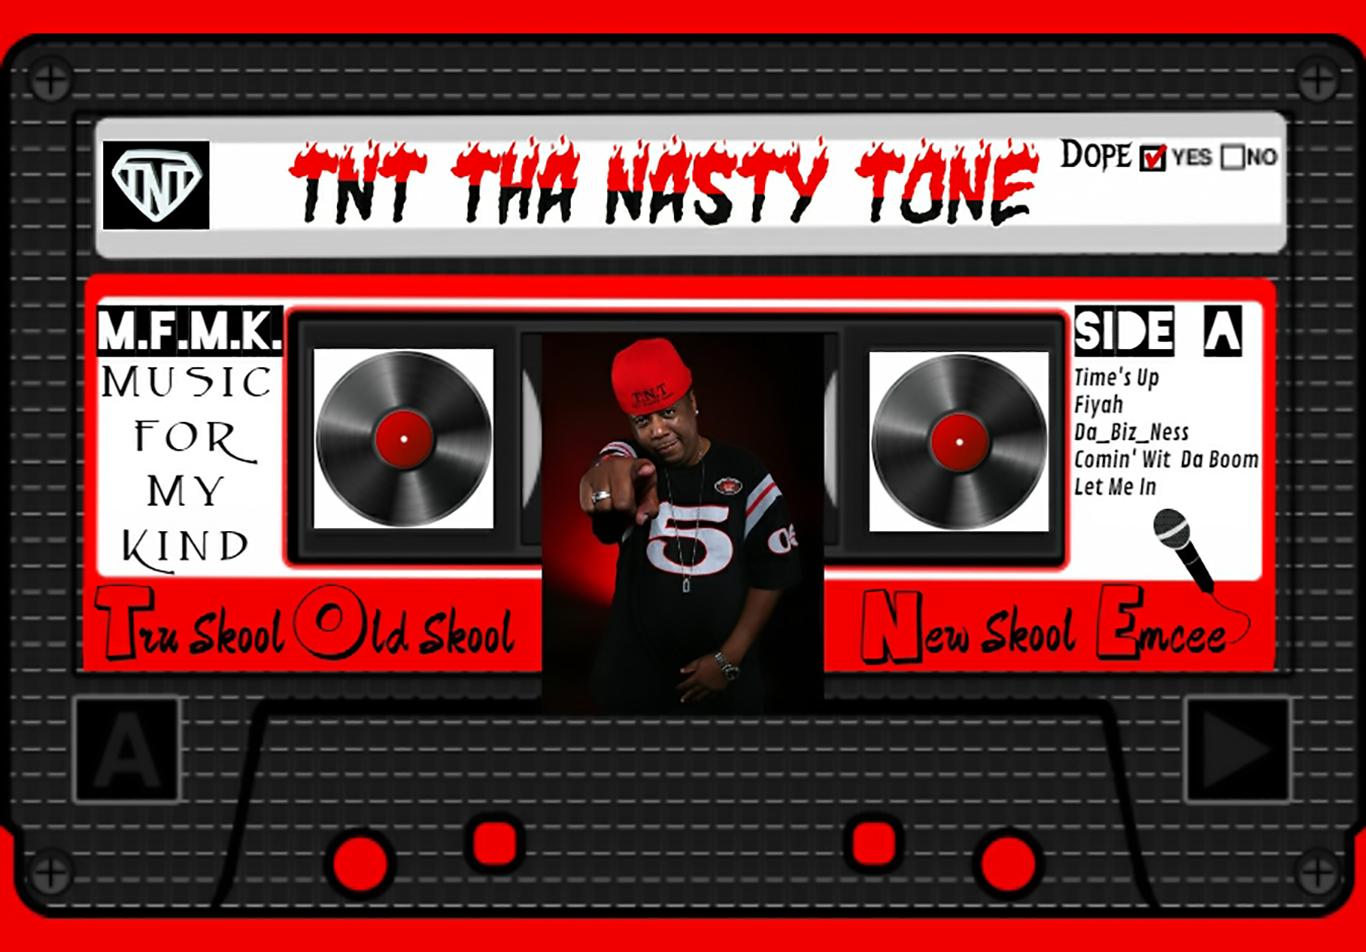 T.N.T. Tha Nasty Tone